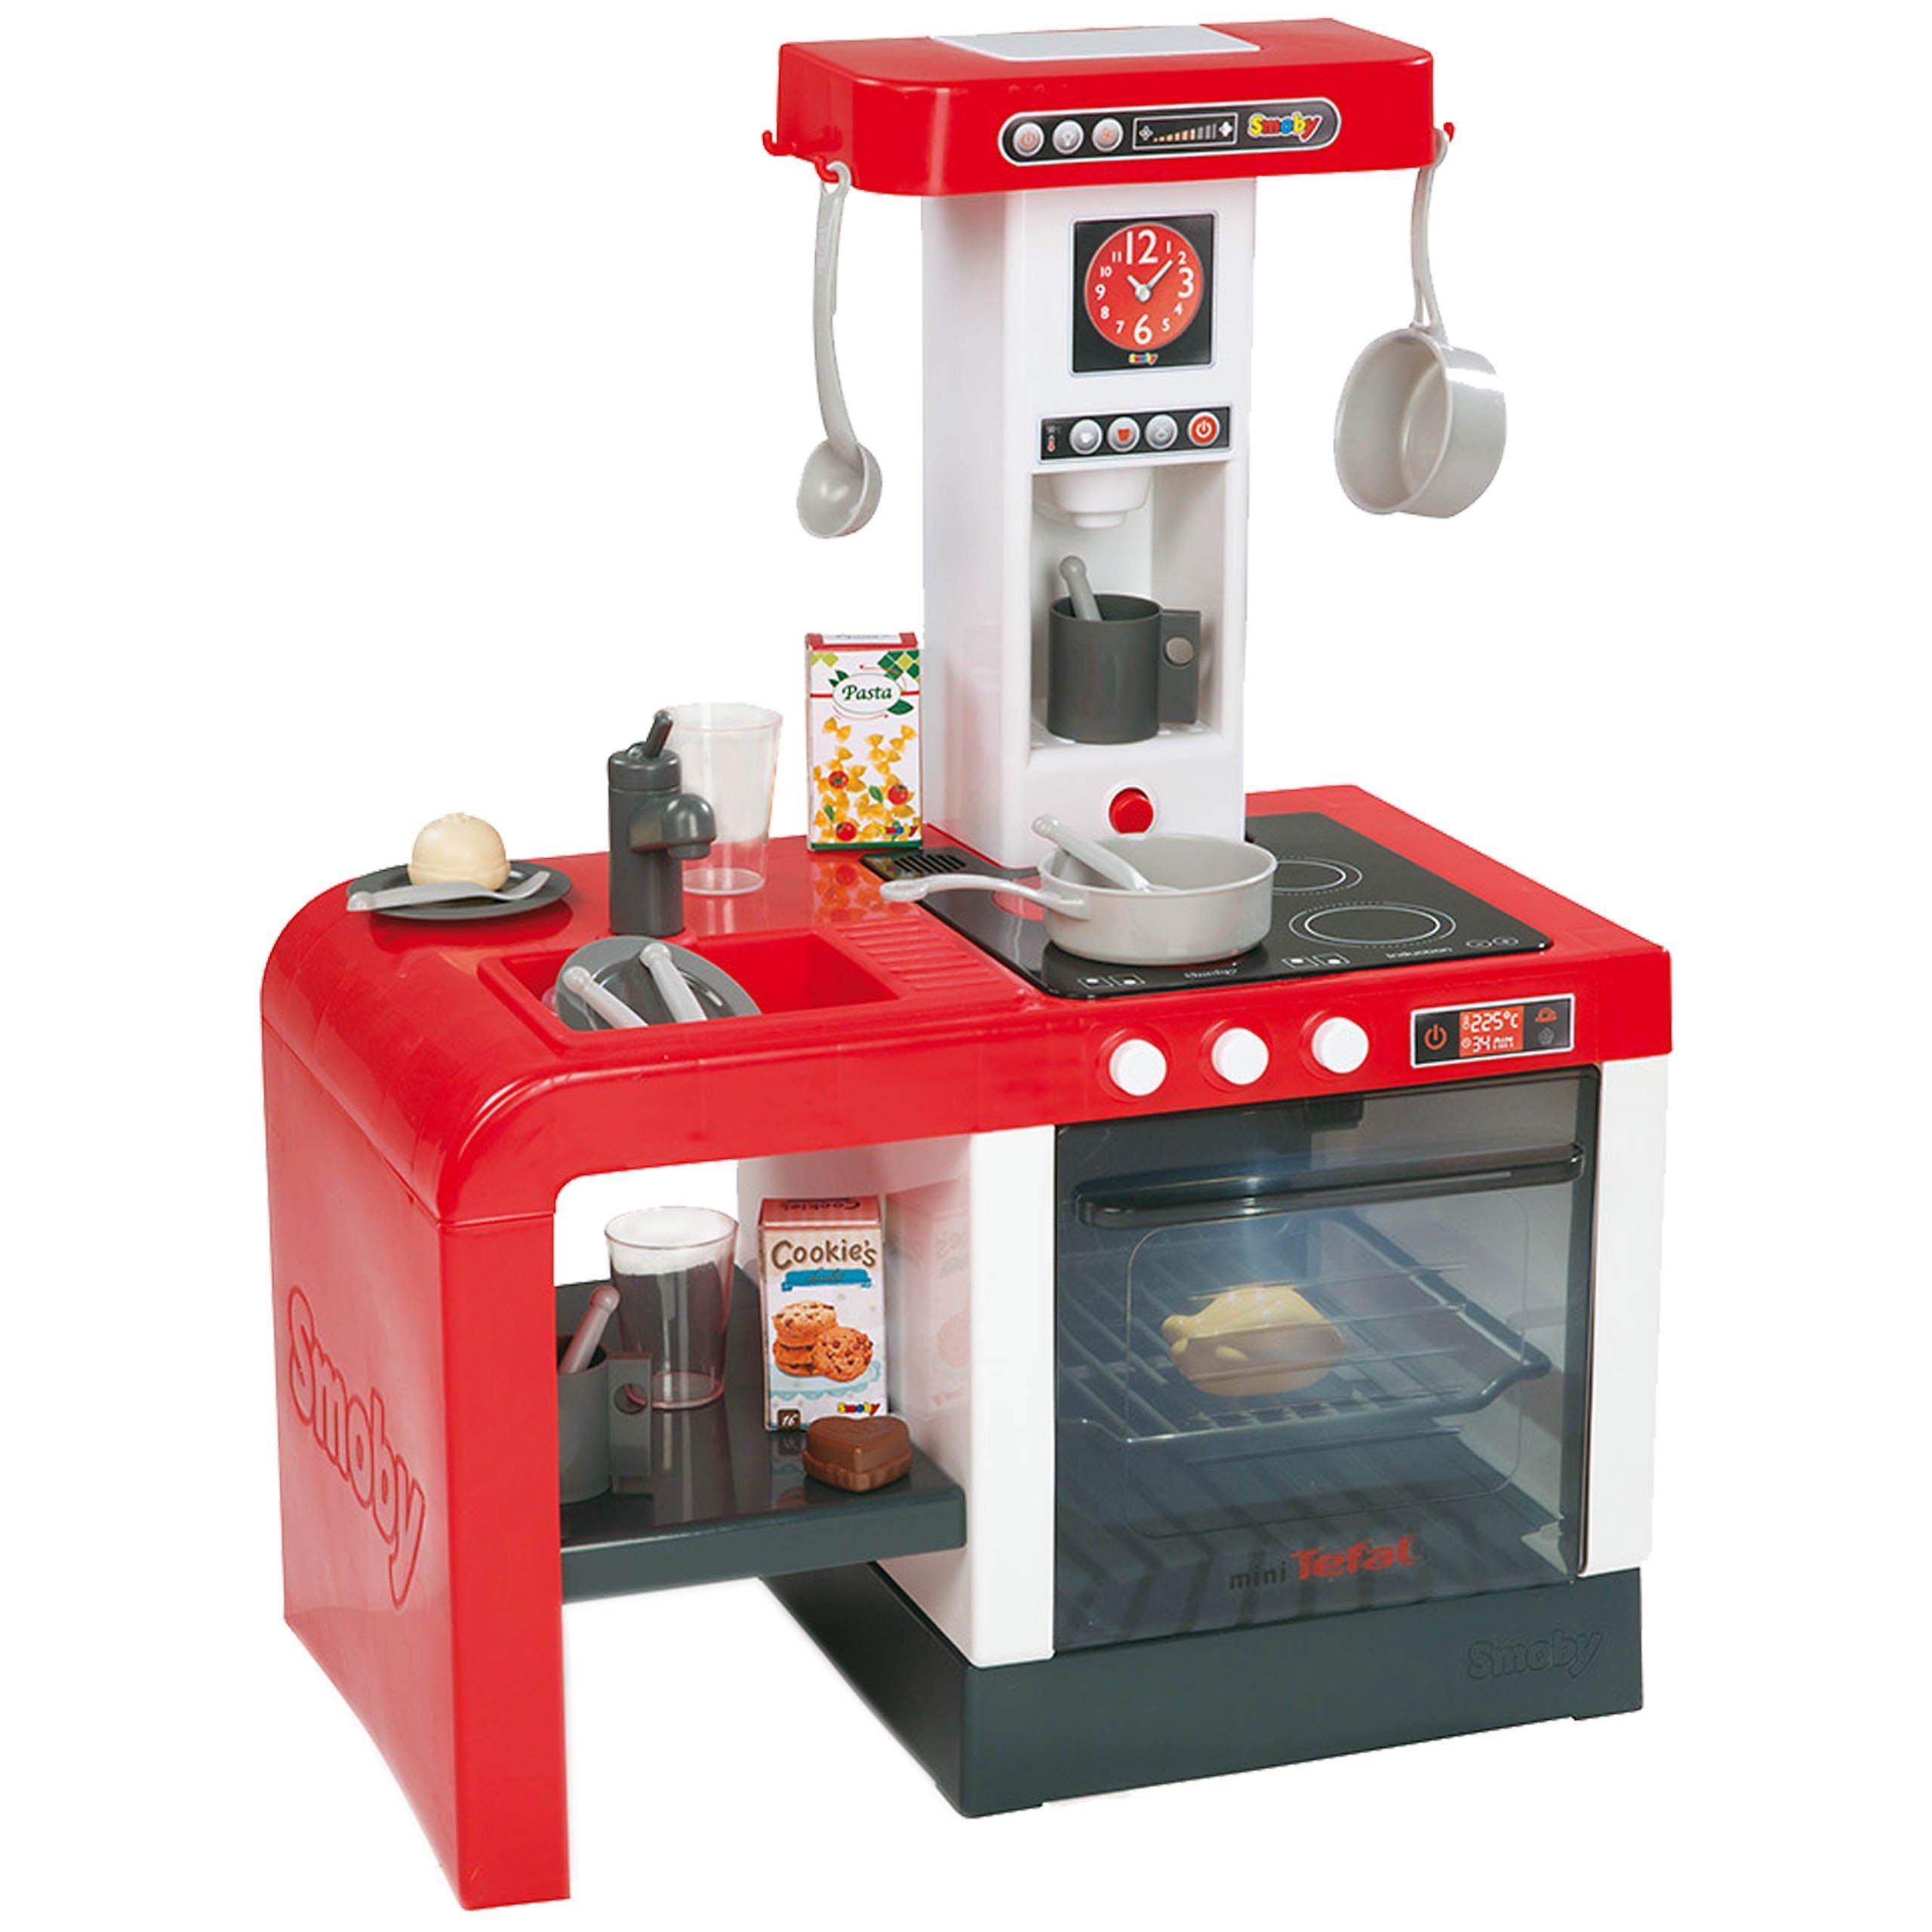 Kuchnia Dla Dzieci Cheftronic 2 Mini Tefal Smoby